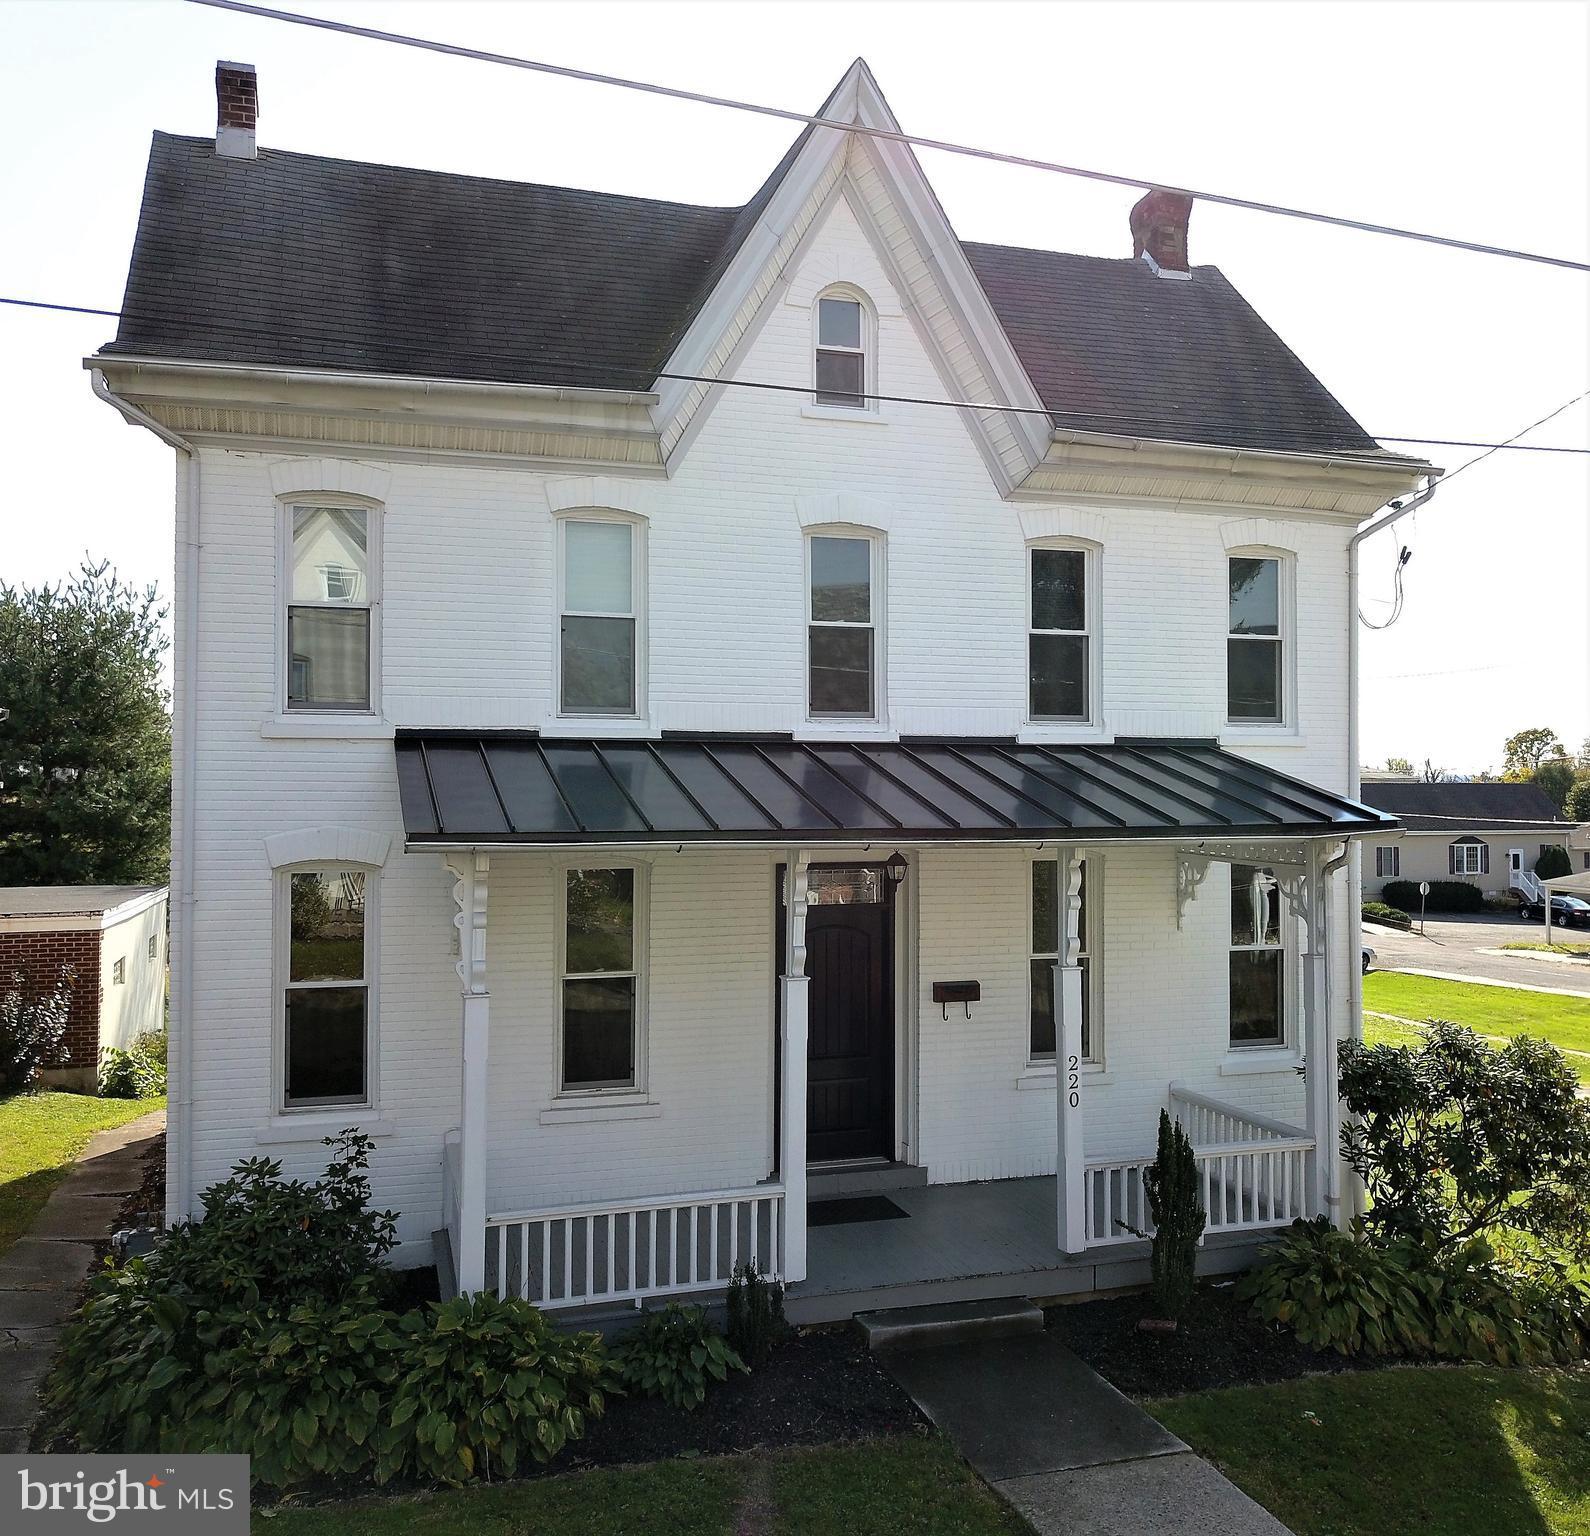 220 3RD STREET, EAST GREENVILLE, PA 18041